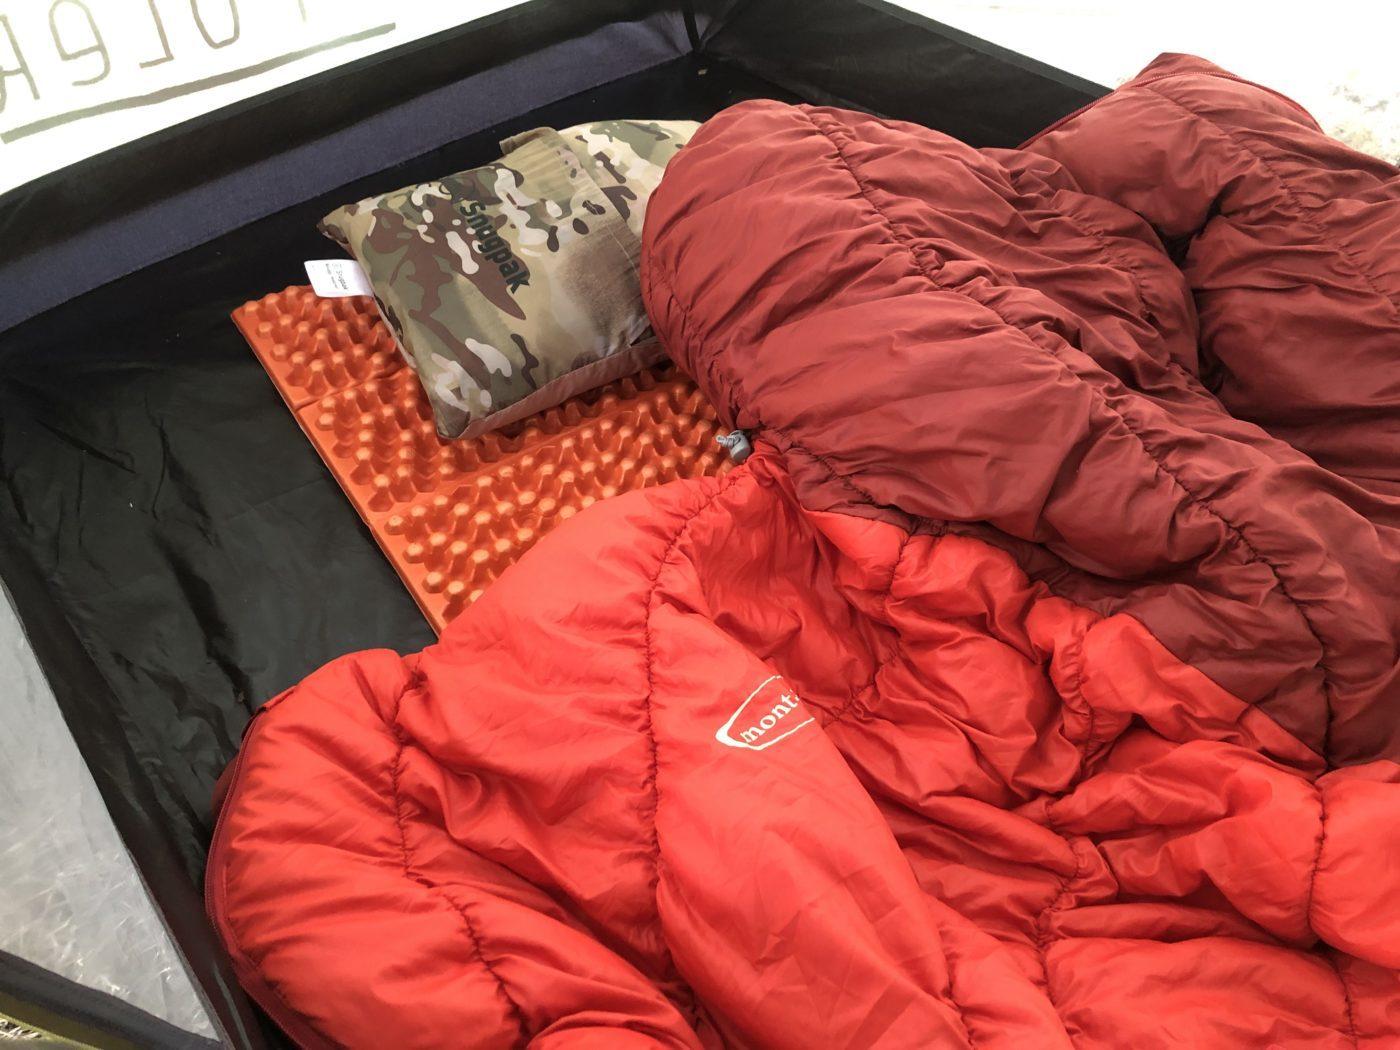 ダウン用の寝袋の写真